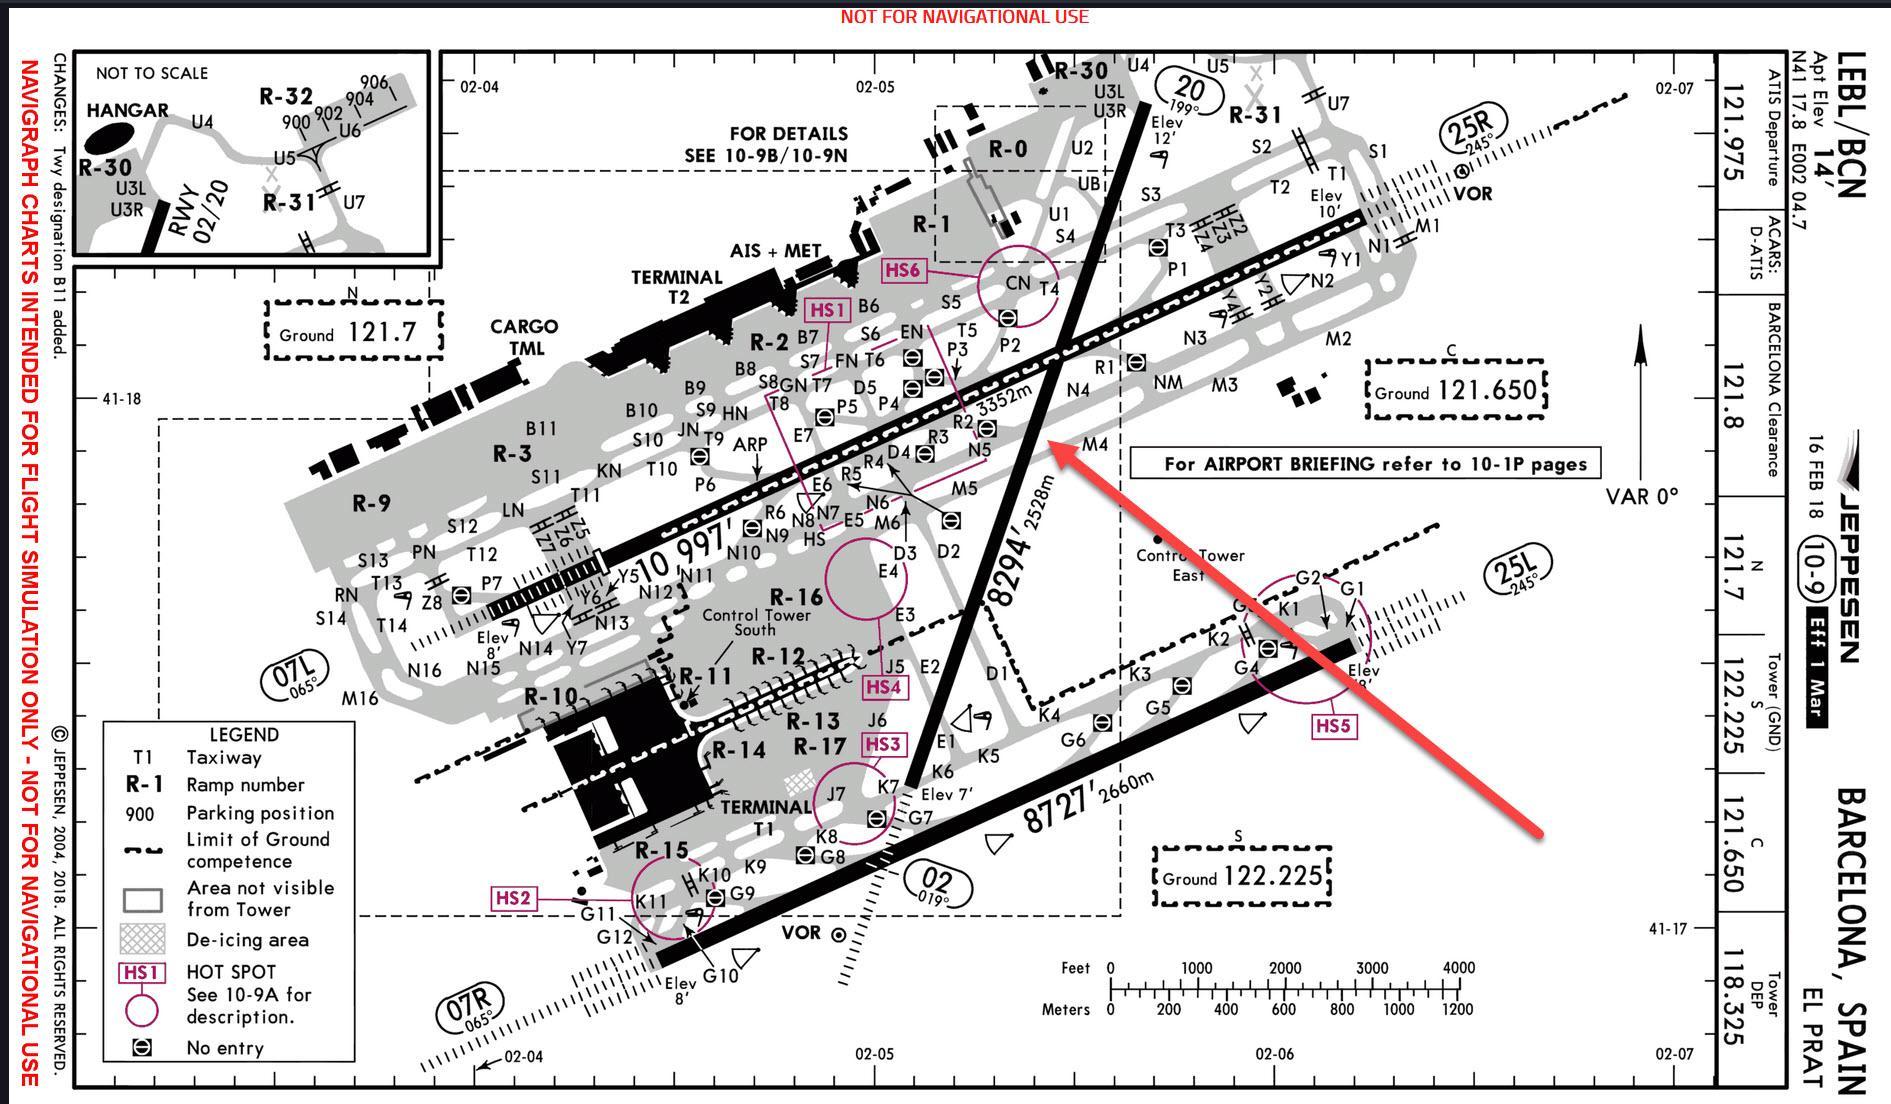 Lebl Runway And Taxiway Charts - Atc Simulators